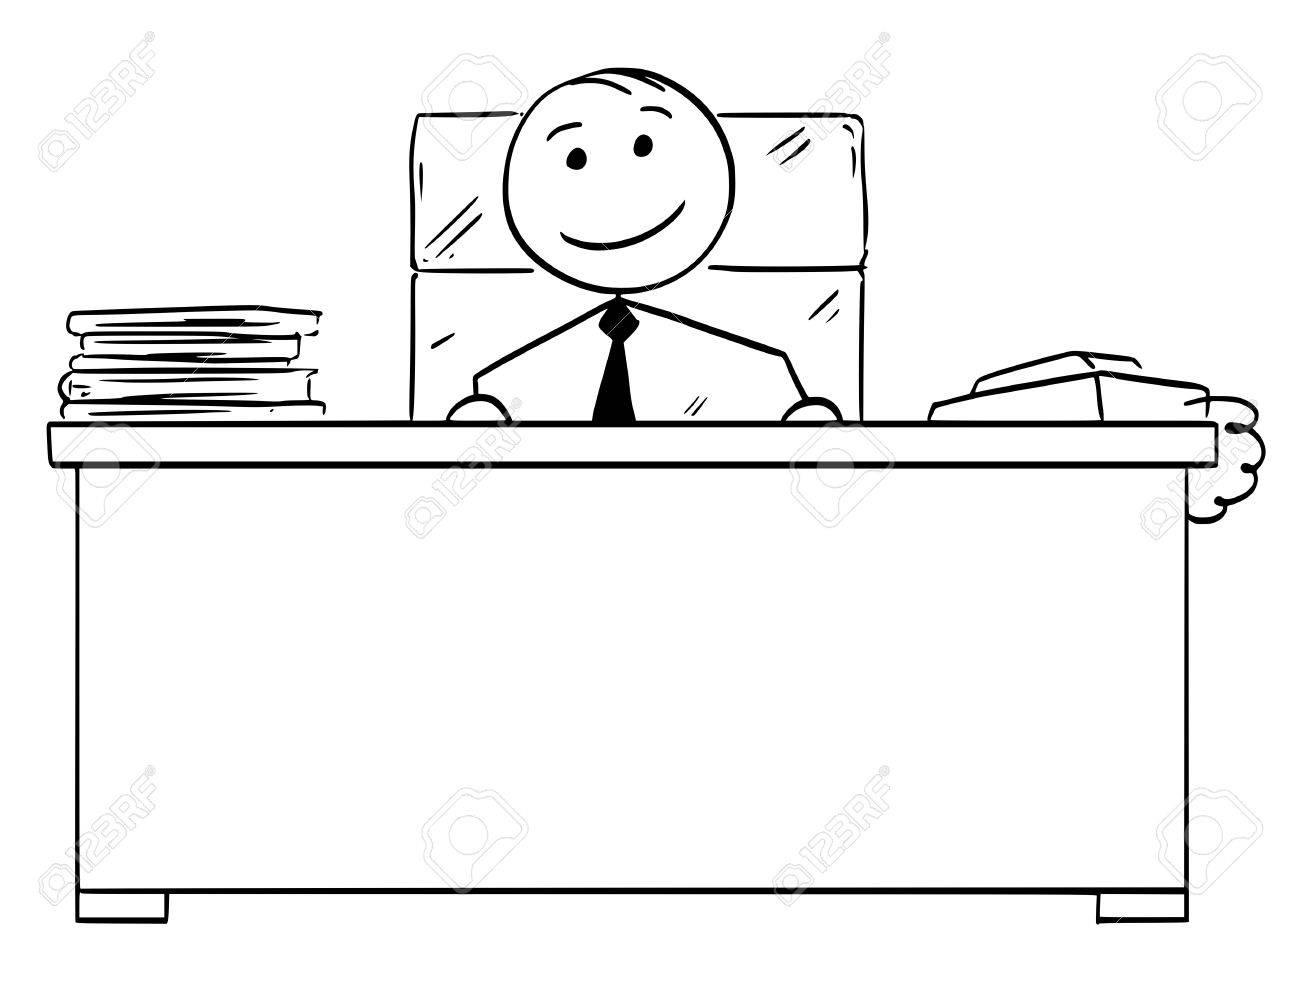 Hombre De Dibujos Animados Stickman Stickman Dibujo De Jefe Feliz